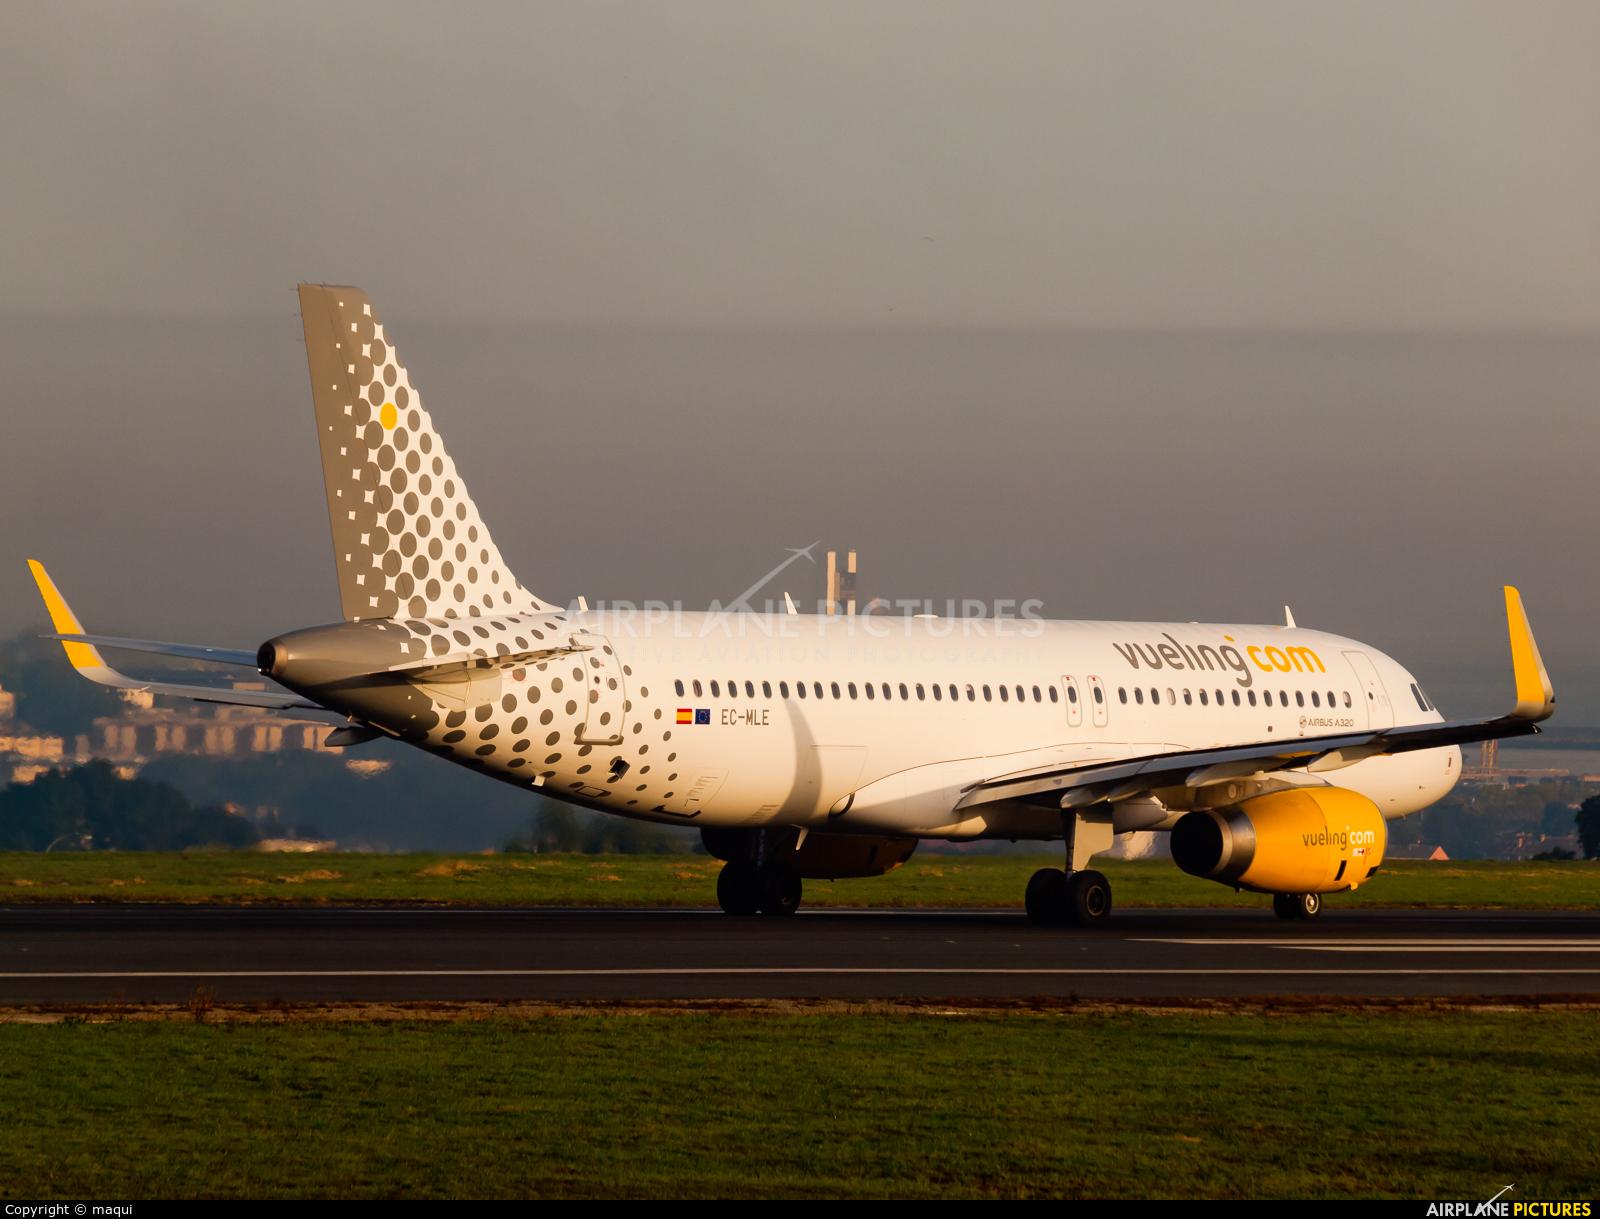 Vueling Airlines EC-MLE aircraft at La Coruña